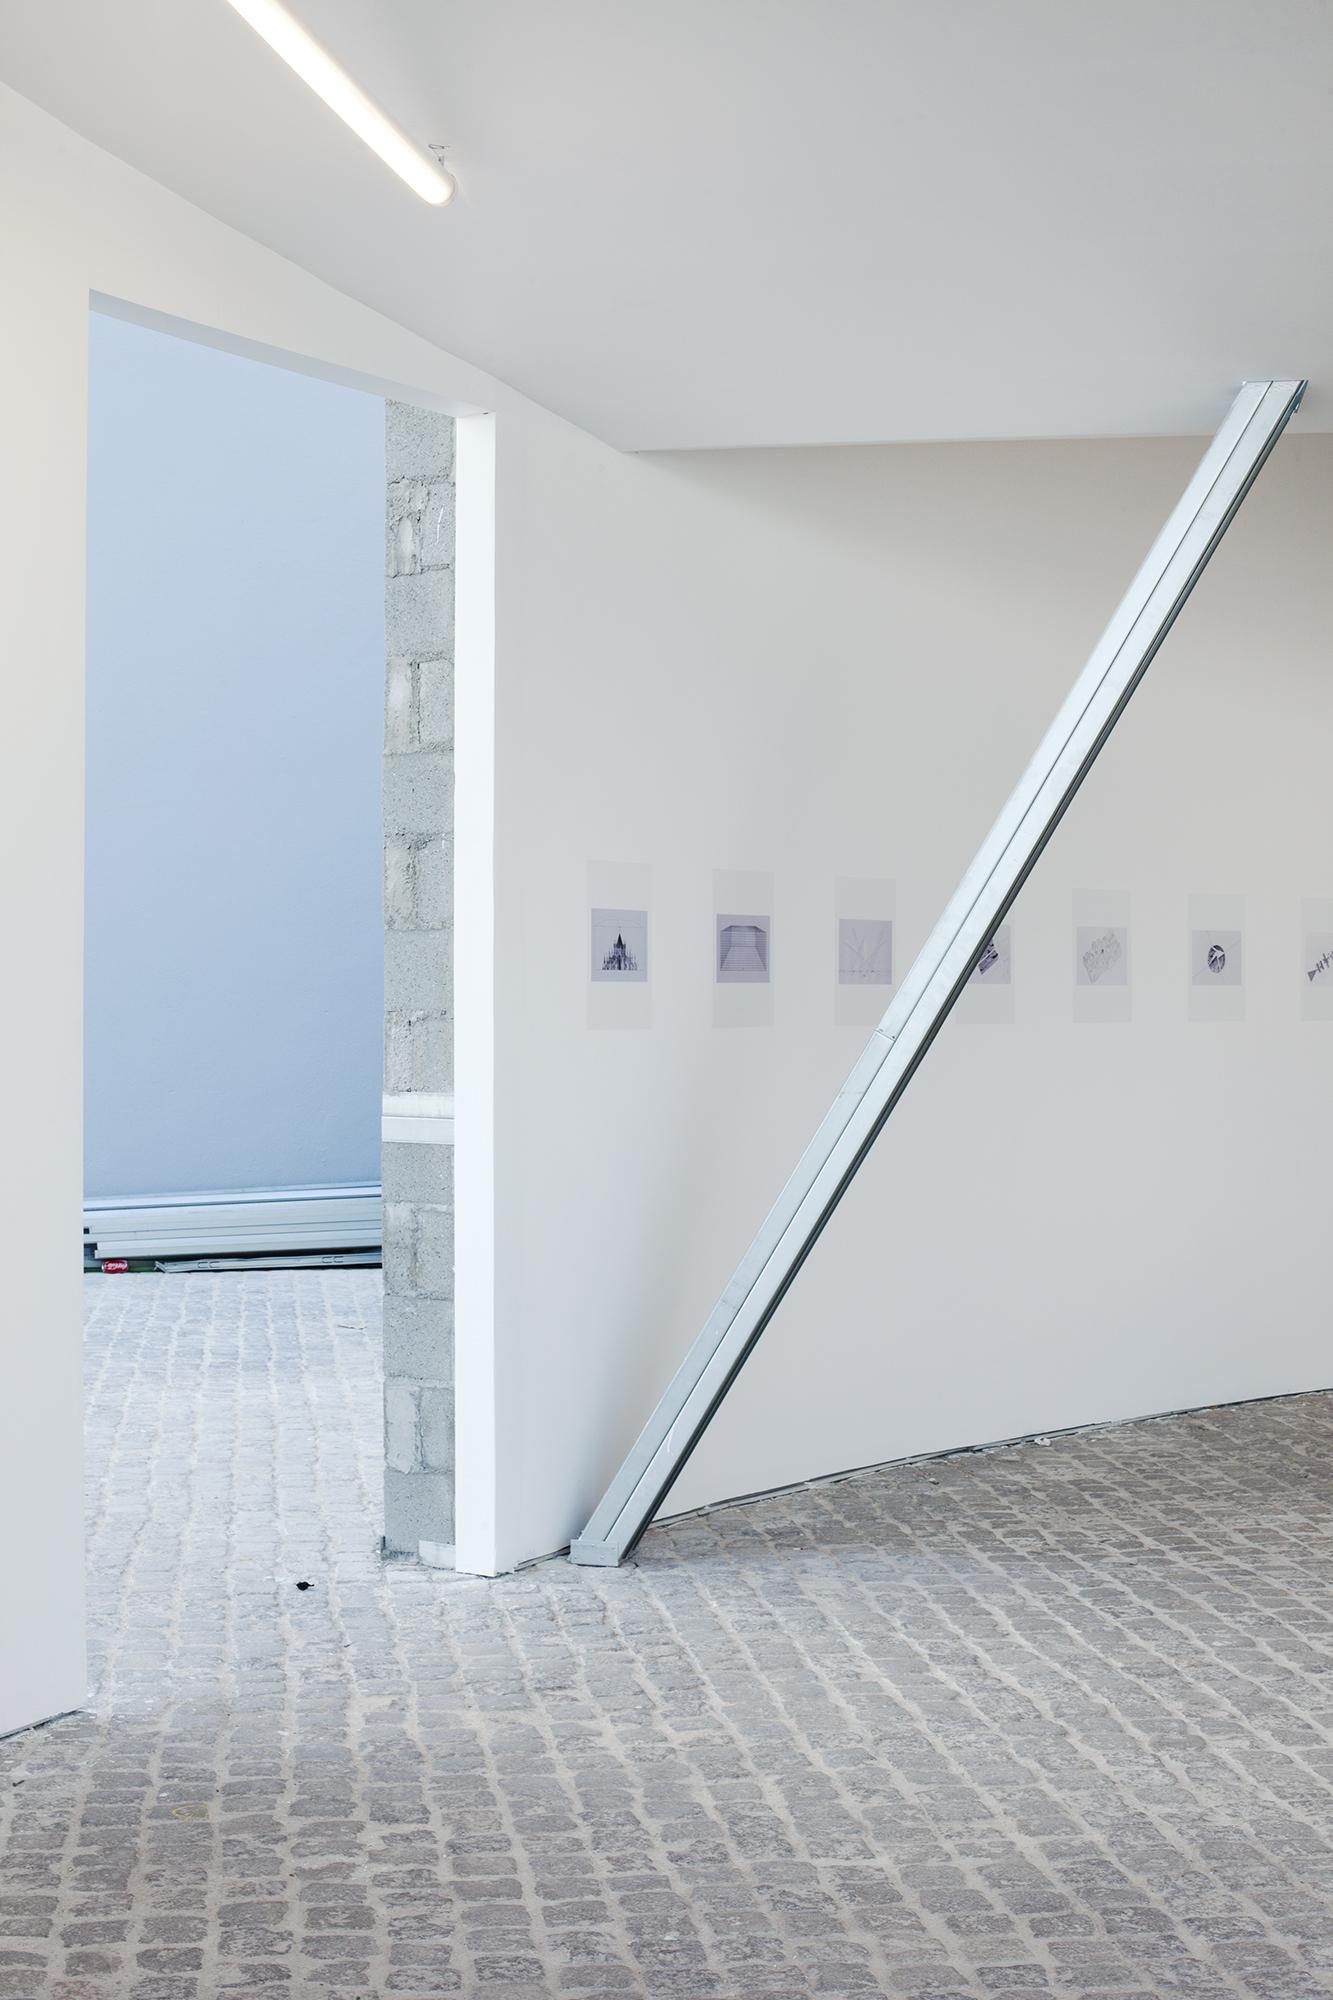 Exposição, A Forma da Forma, curadoria de Diogo Seixas Lopes, MAAT, © Tiago Casanova